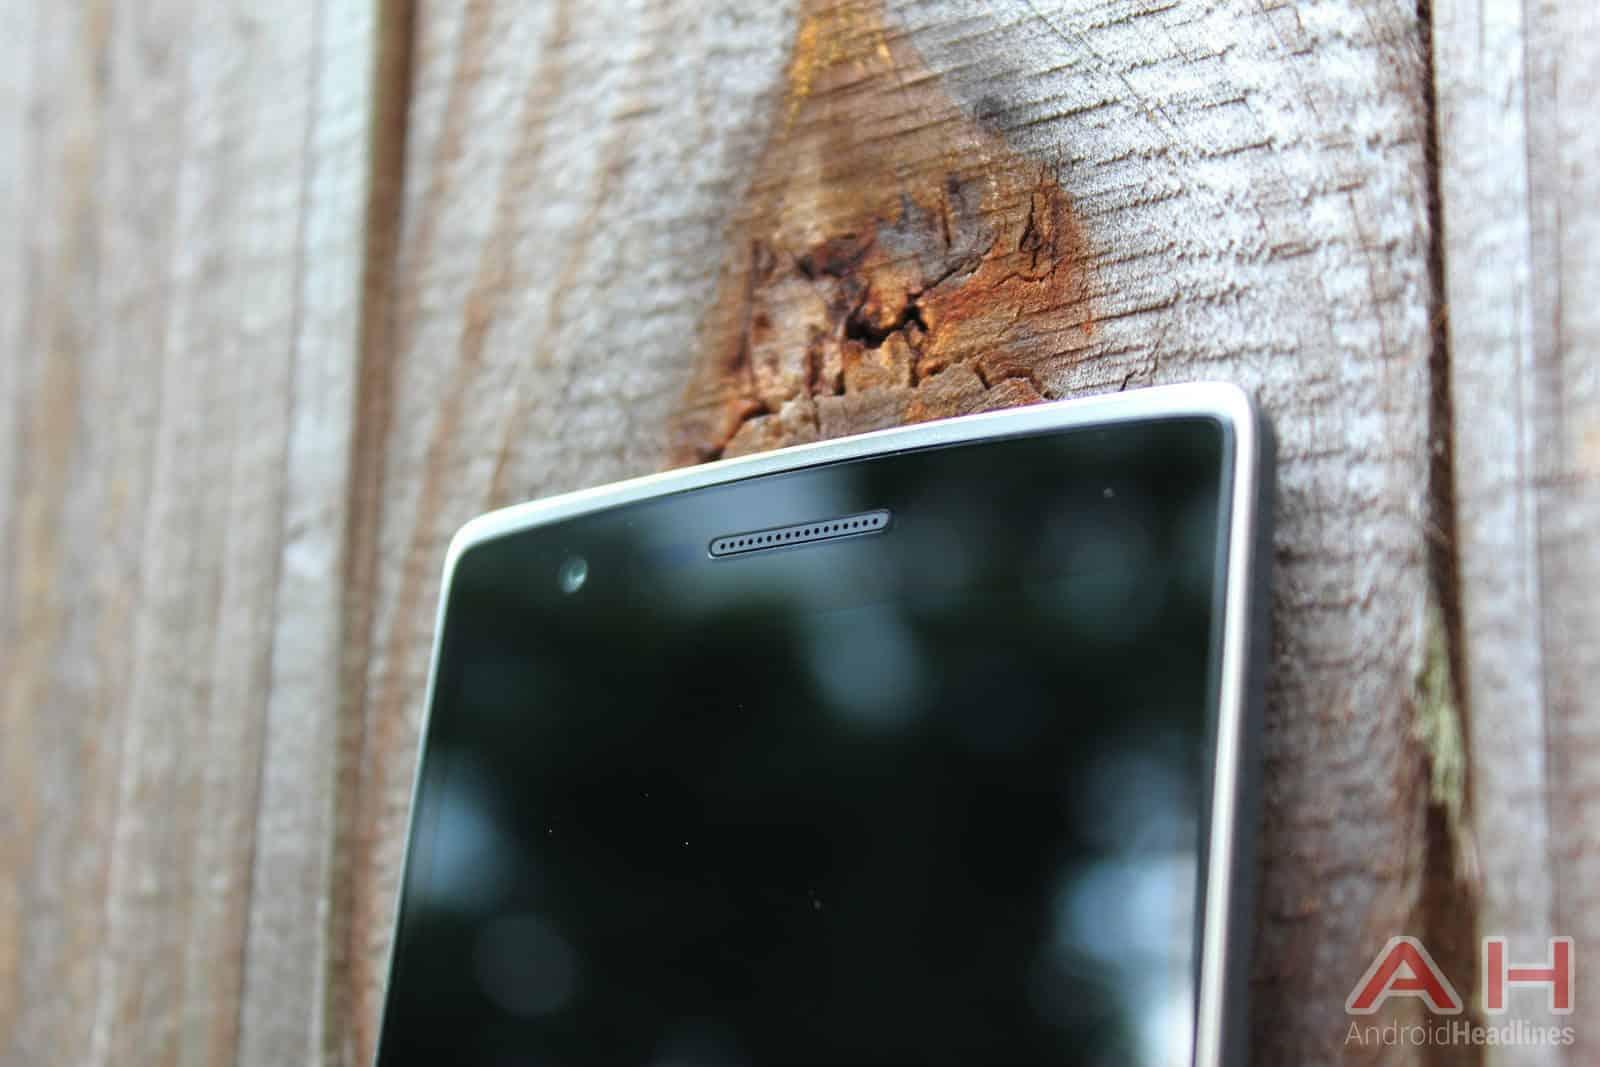 OnePlus-One-headpiece